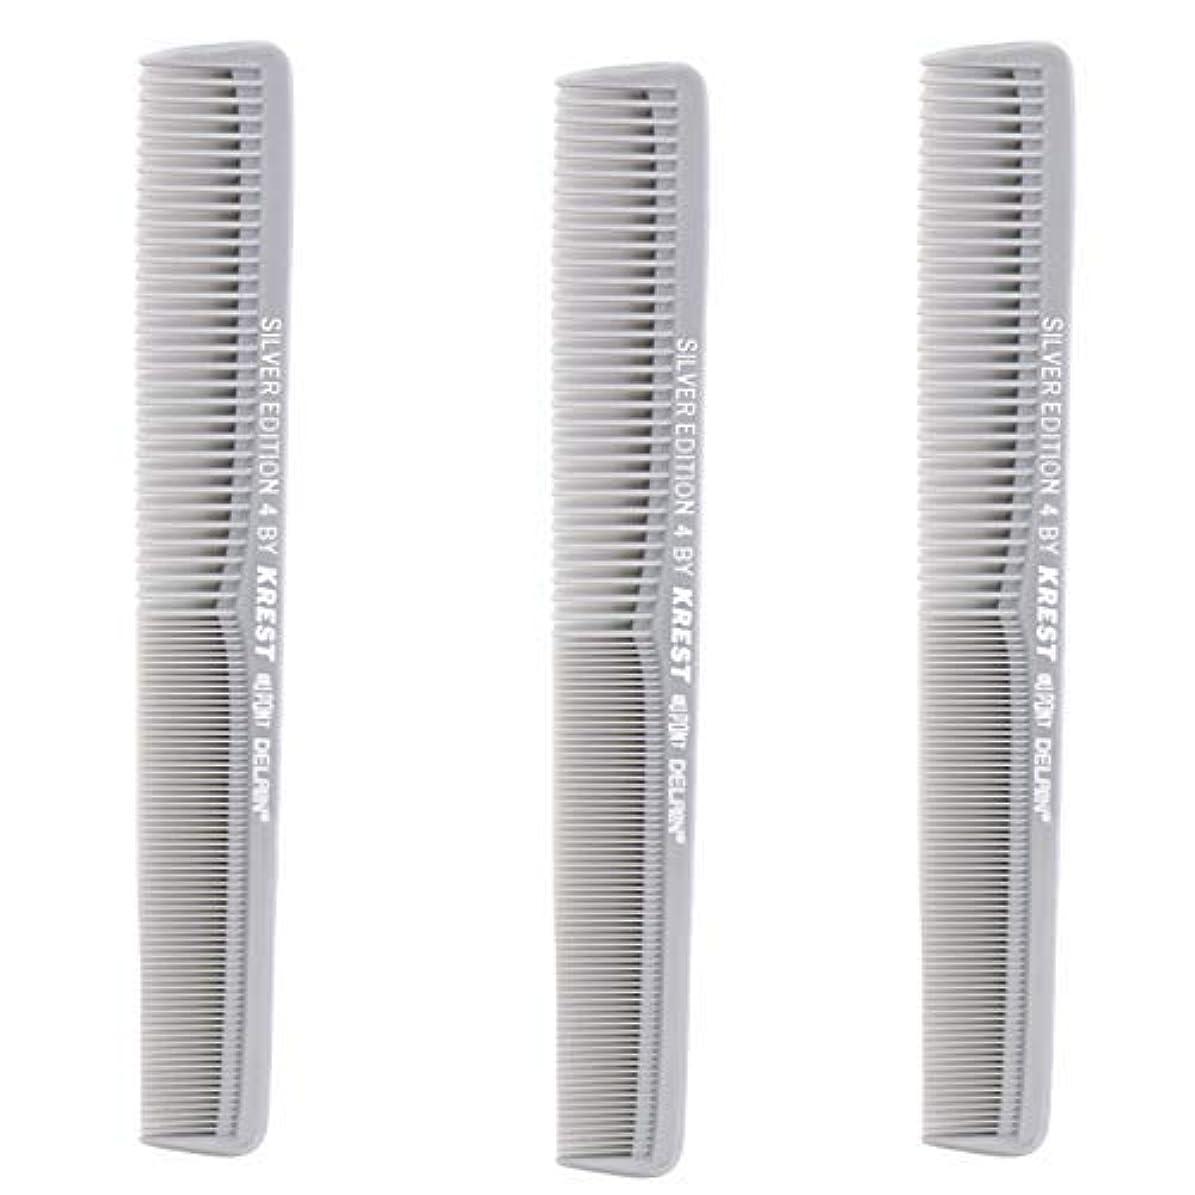 自体残り有能なKrest Comb 7 In. Silver Edition Heat Resistant All Purpose Hair Comb Model #4 [並行輸入品]